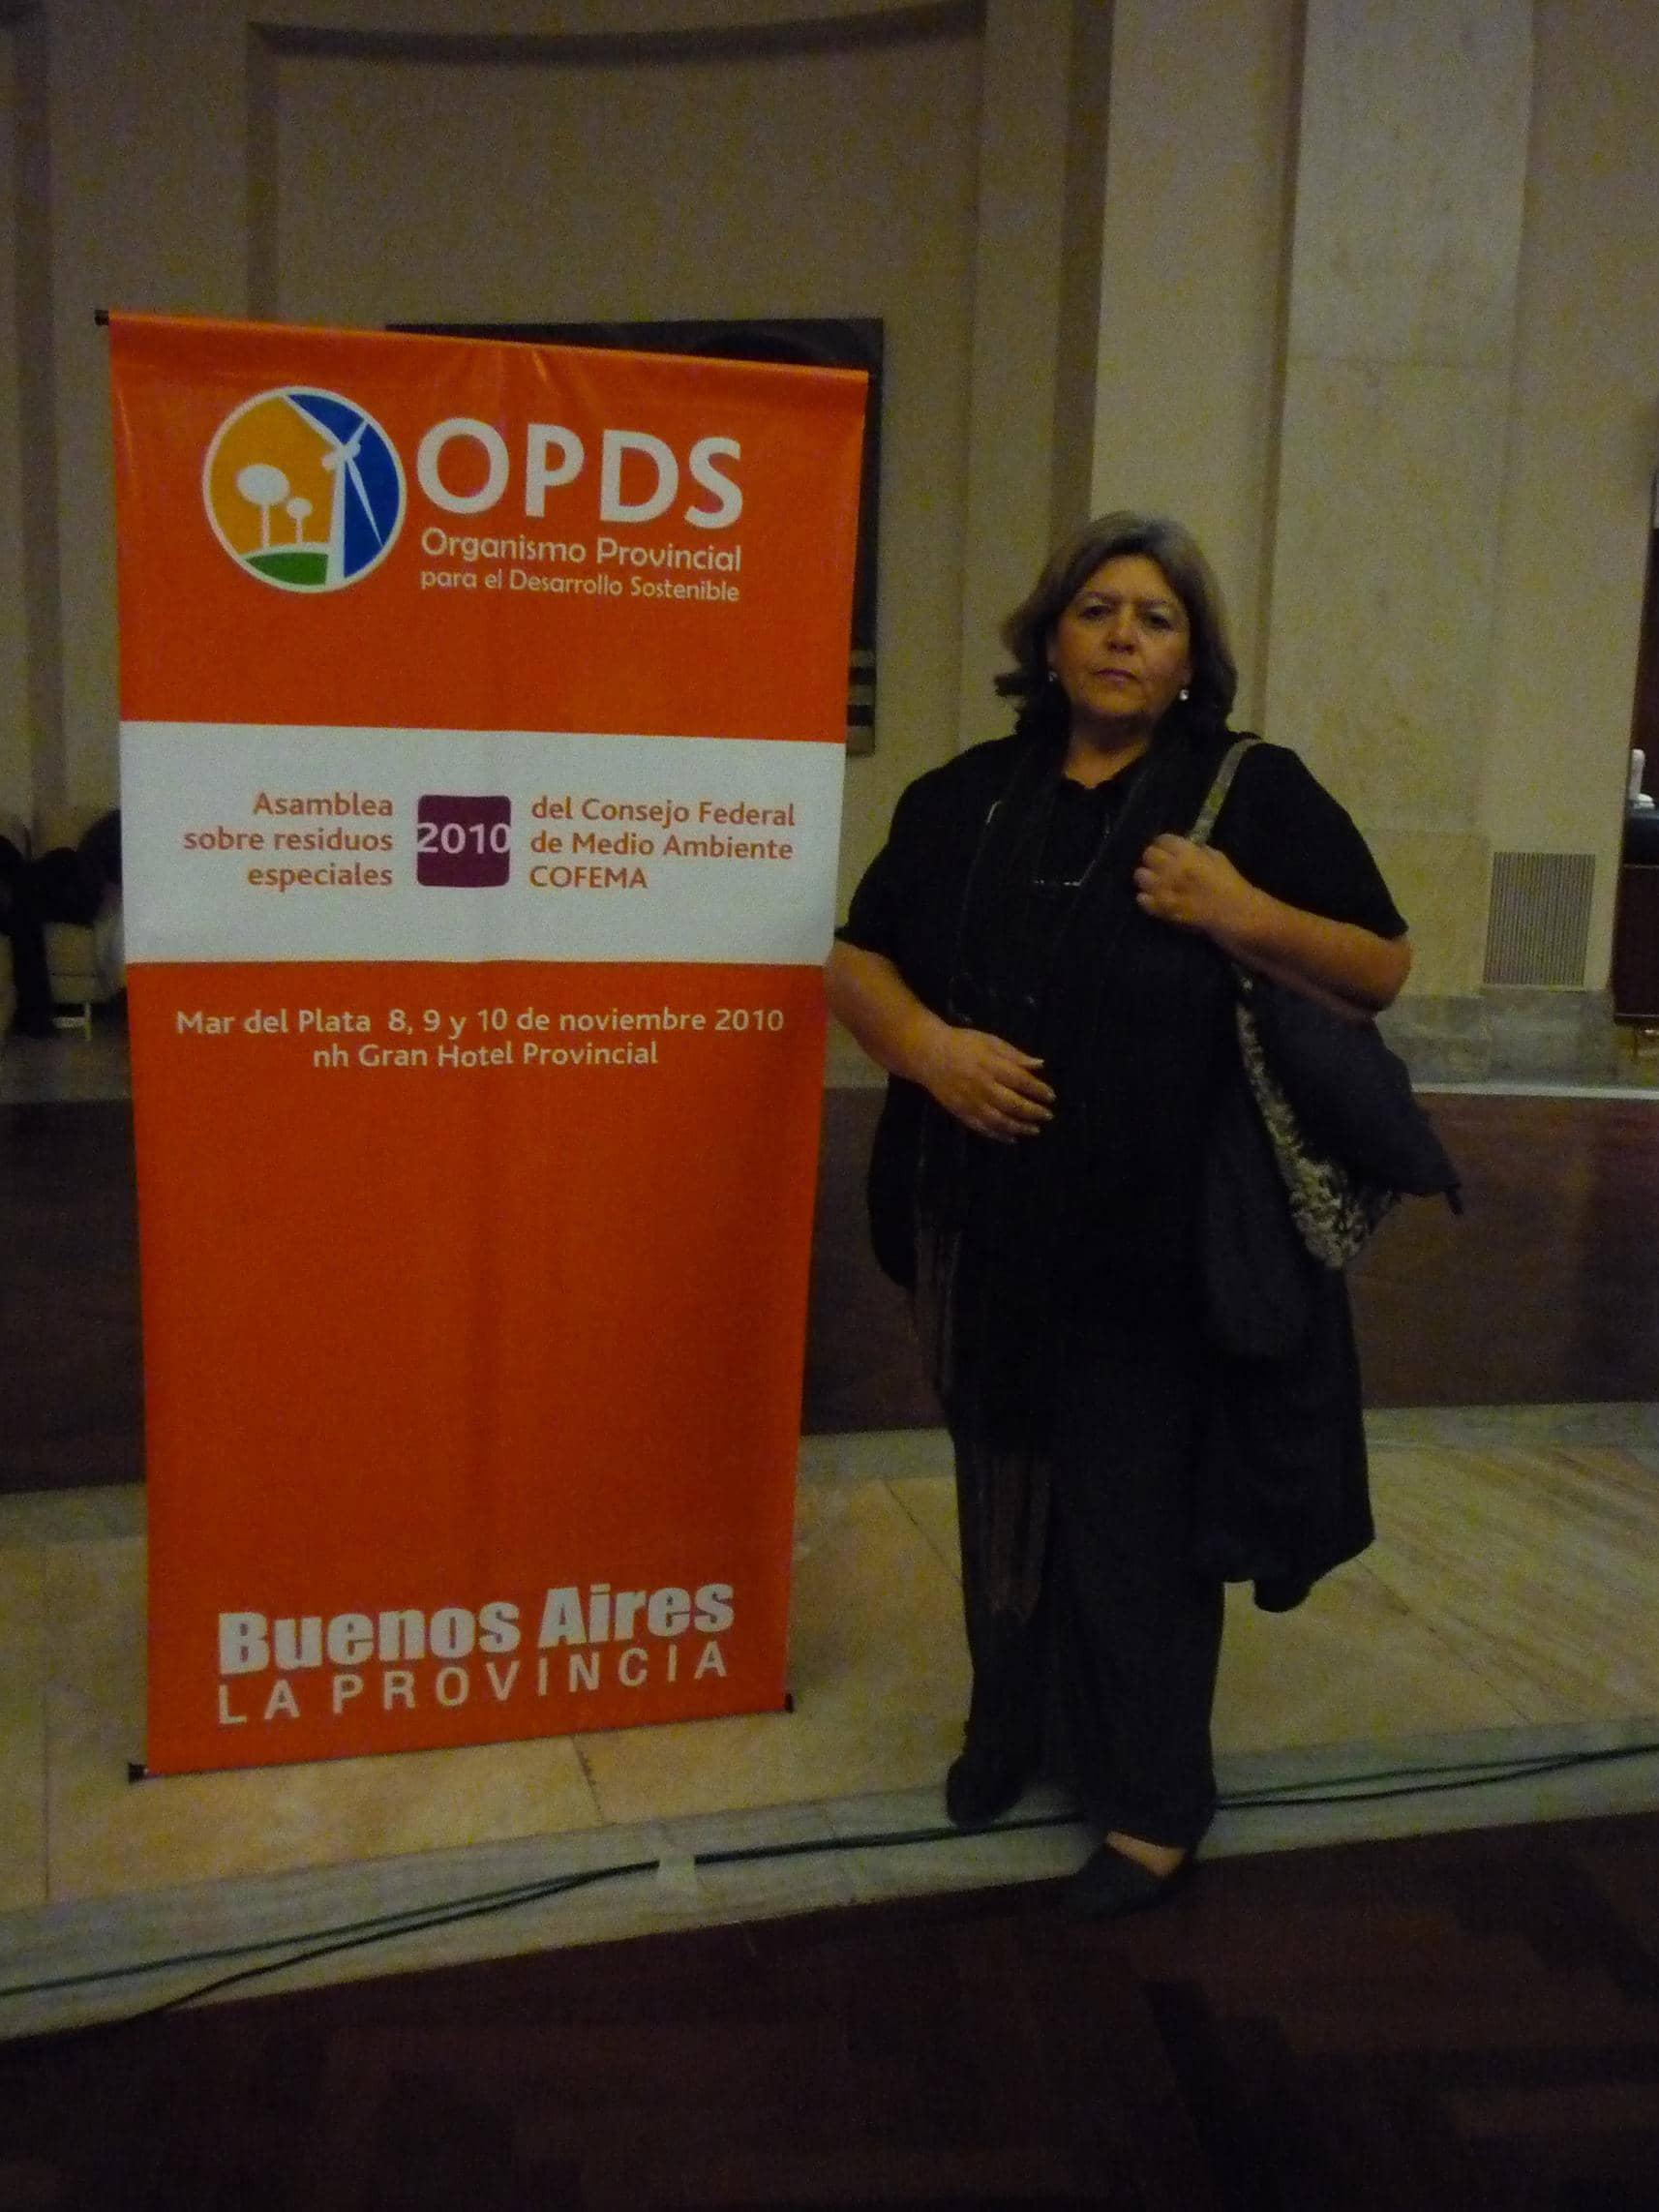 Estela Toniolo disertó en un encuentro provincial sobre residuos